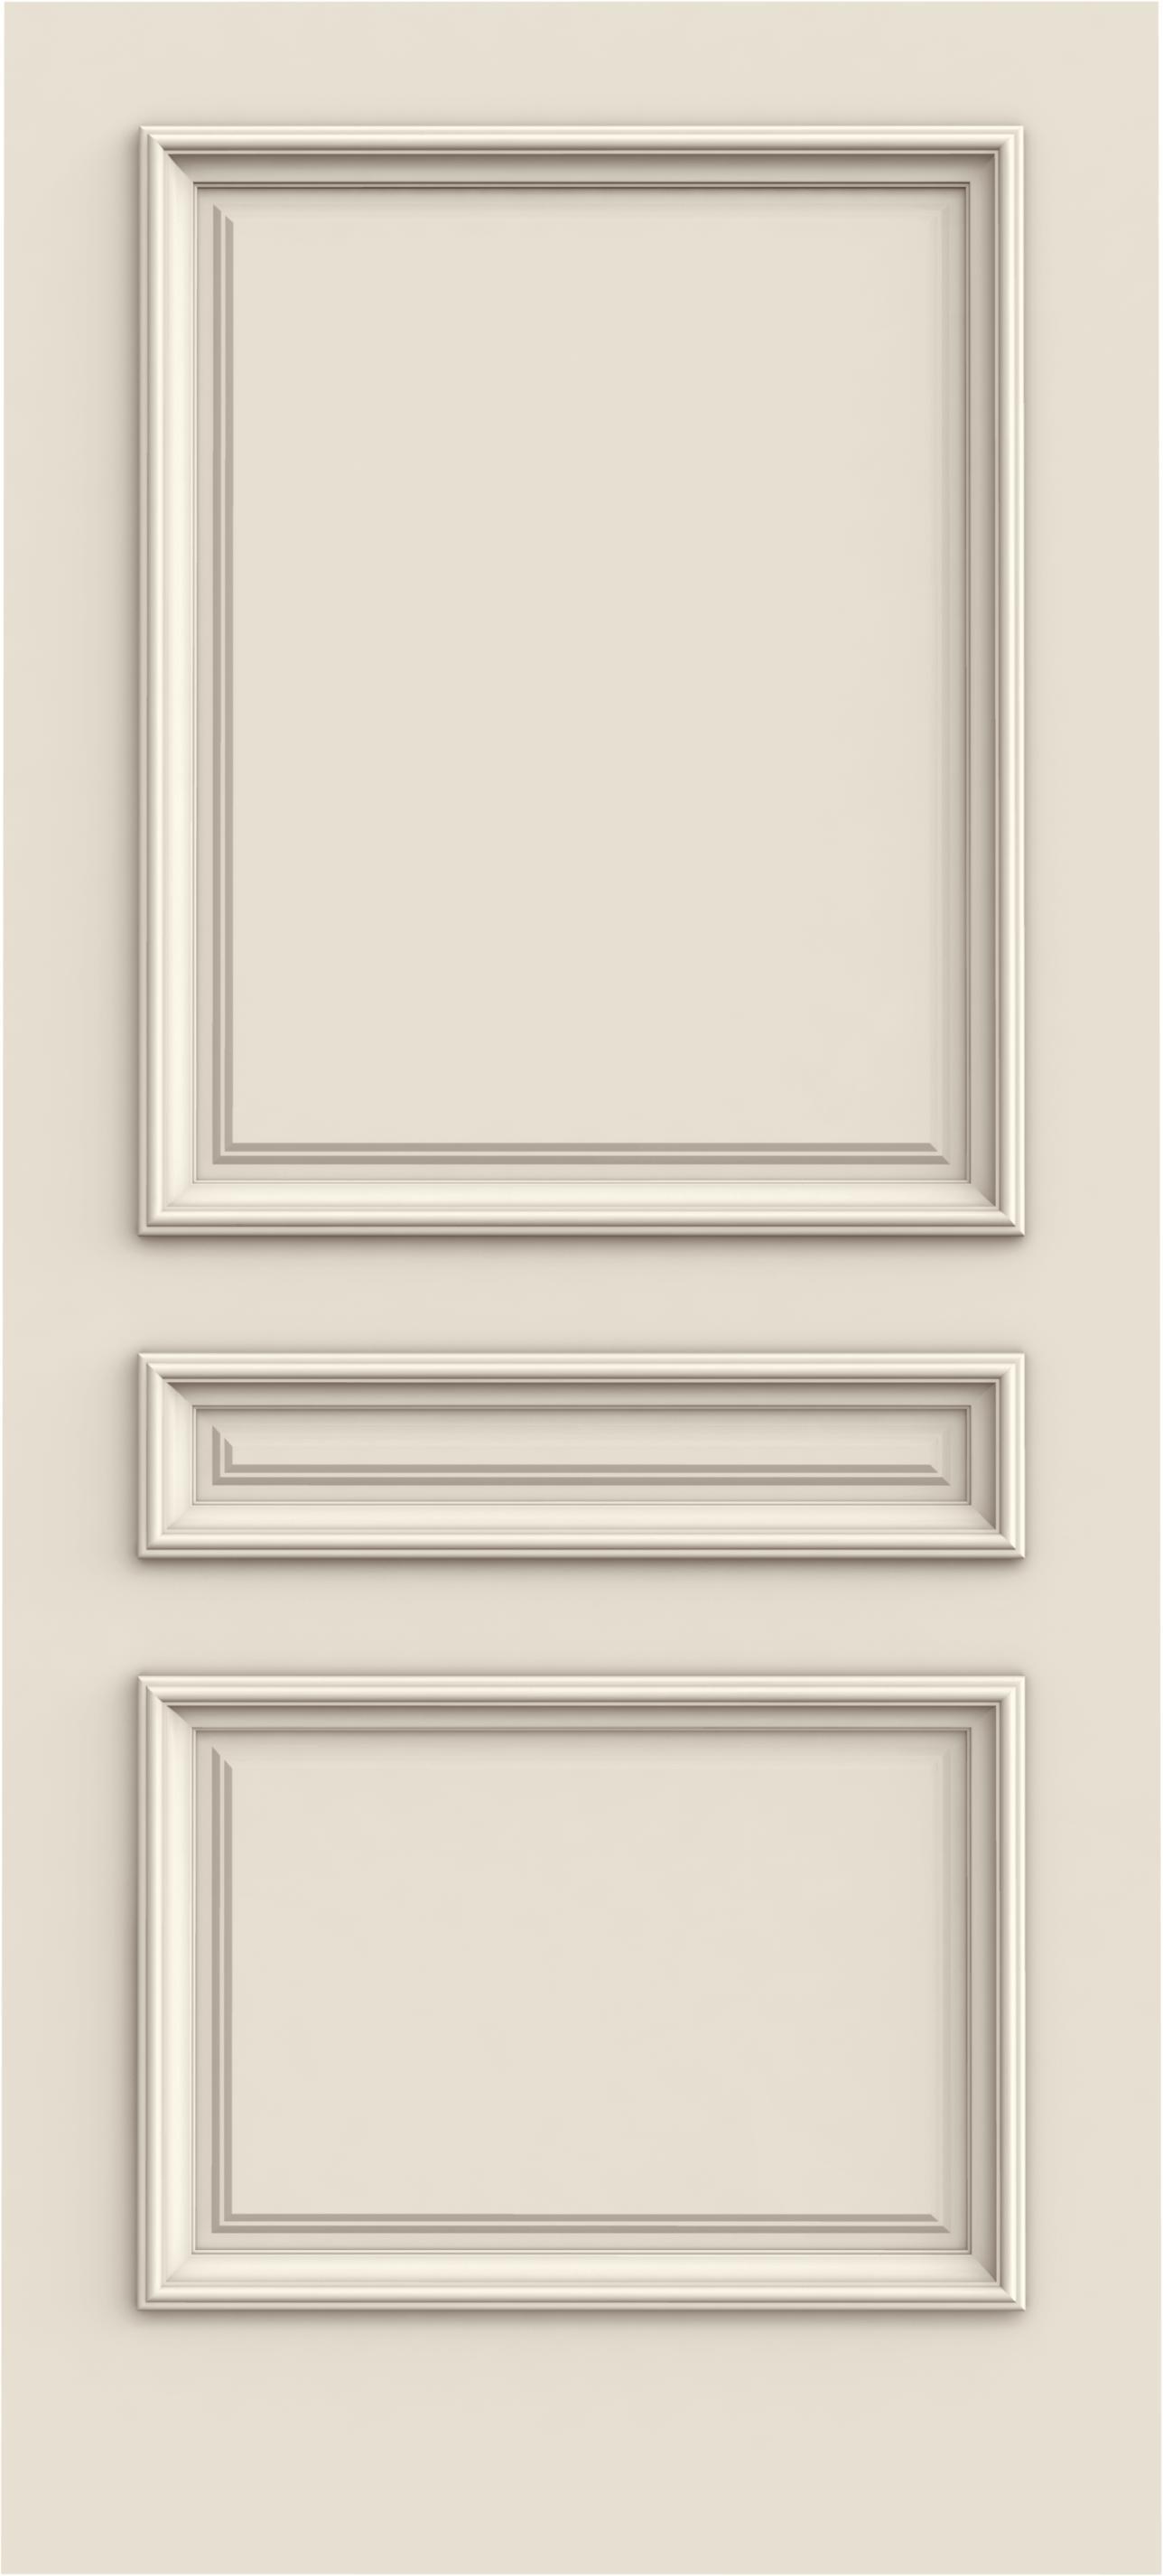 tria composite rseries all panel interior door jeldwen doors u0026